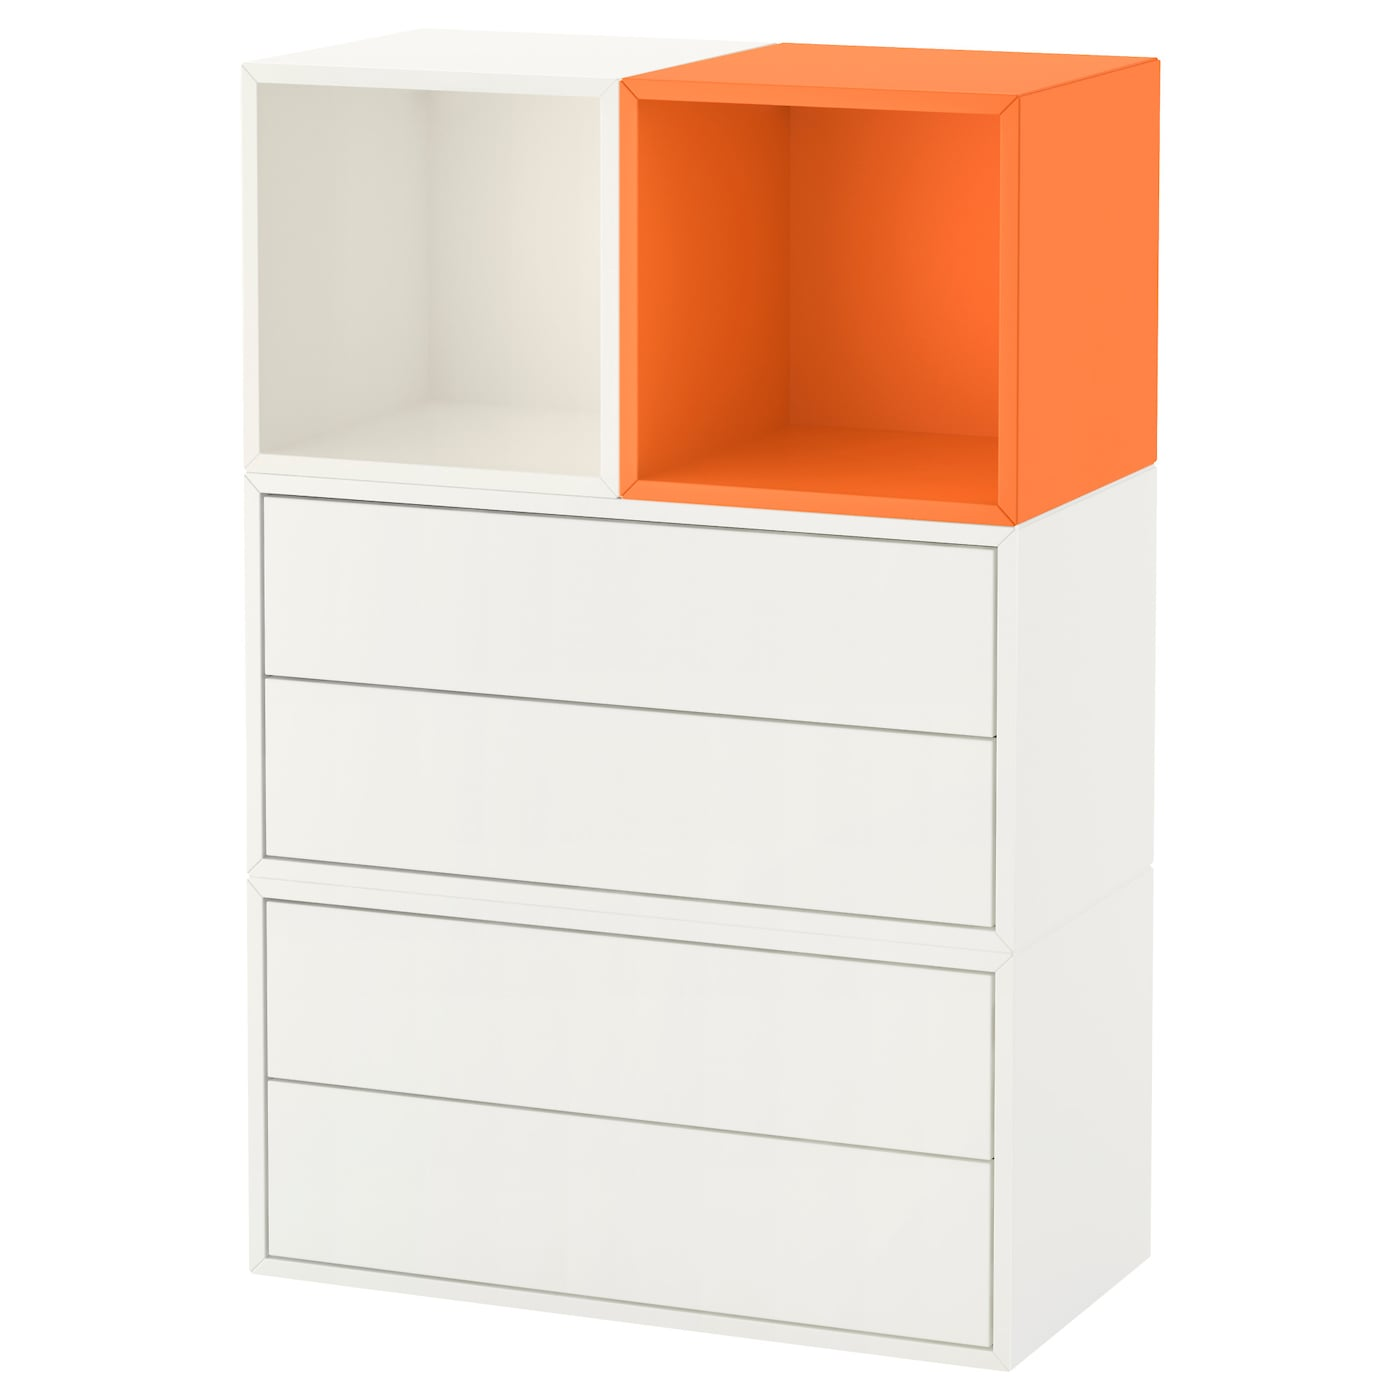 eket kastencombinatie voor wandmontage wit oranje 70x35x105 cm ikea. Black Bedroom Furniture Sets. Home Design Ideas